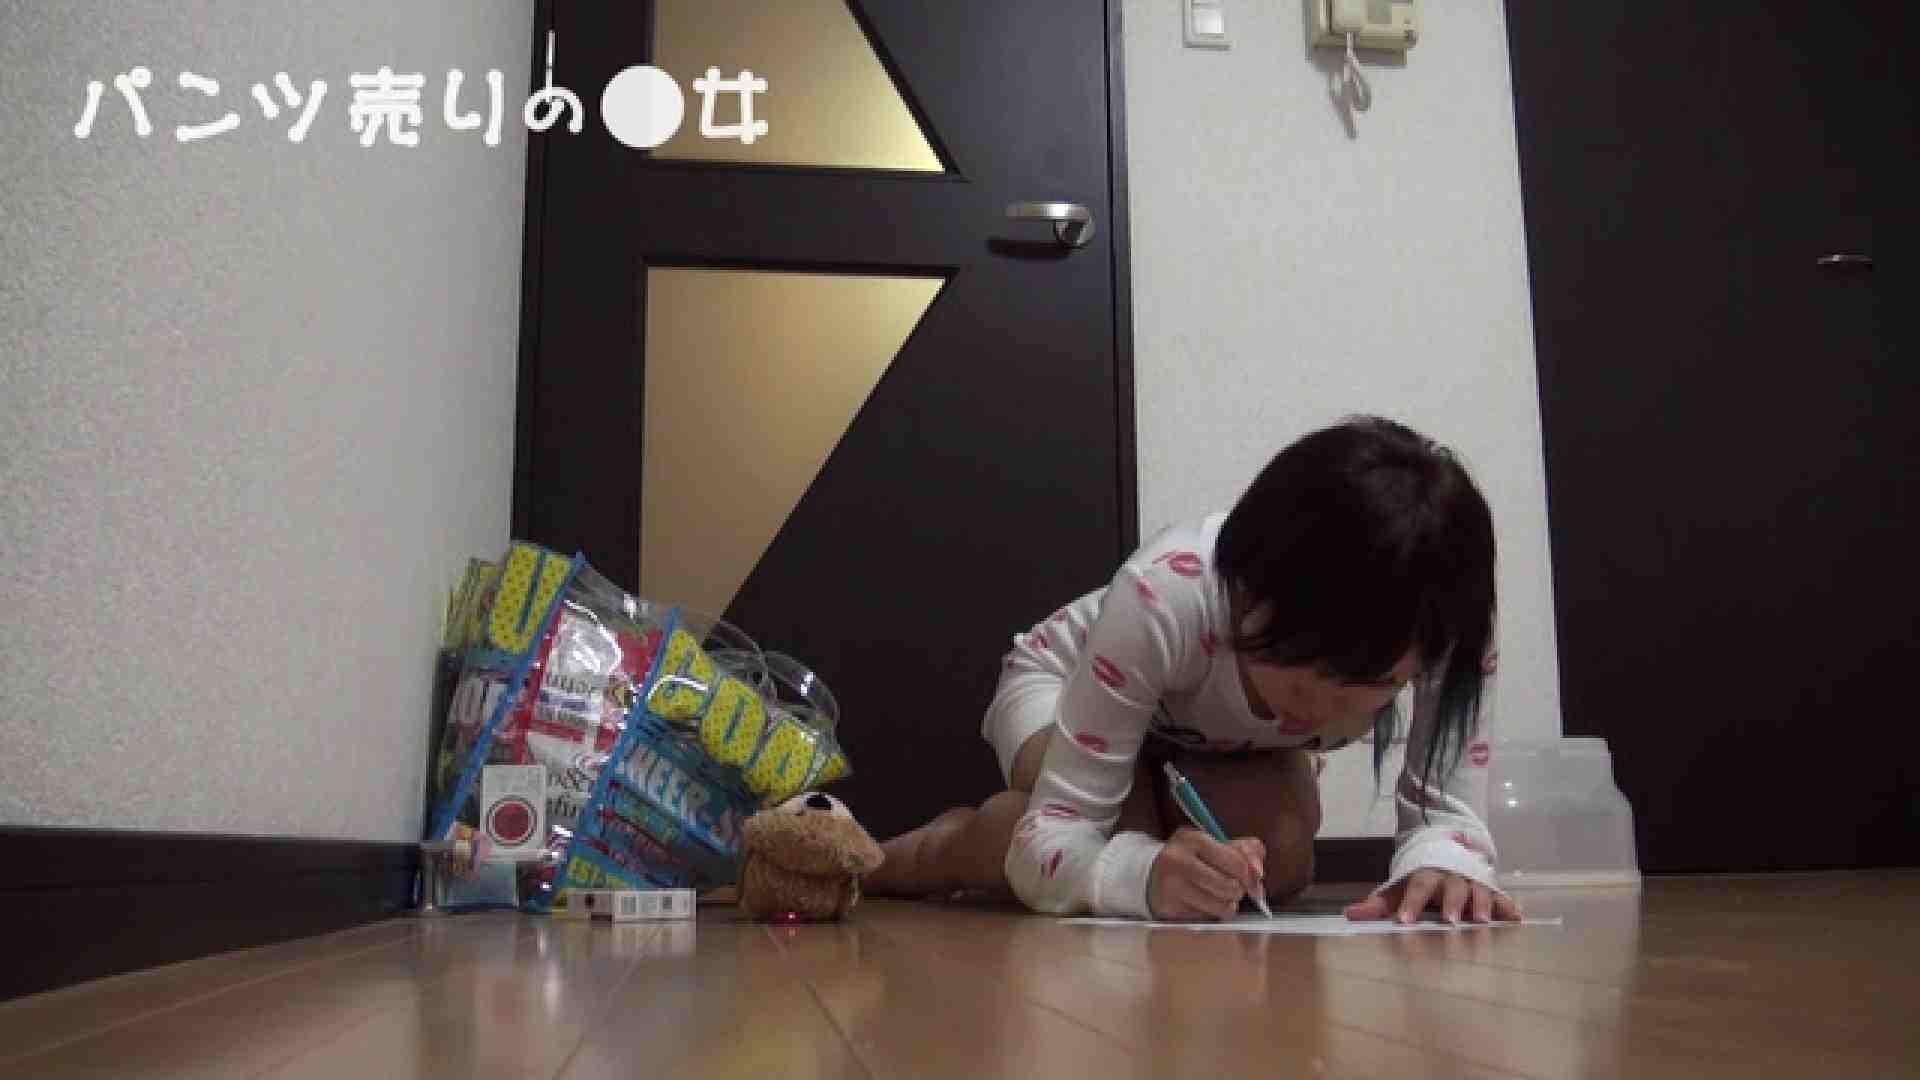 新説 パンツ売りの女の子nana 一般投稿  108枚 6